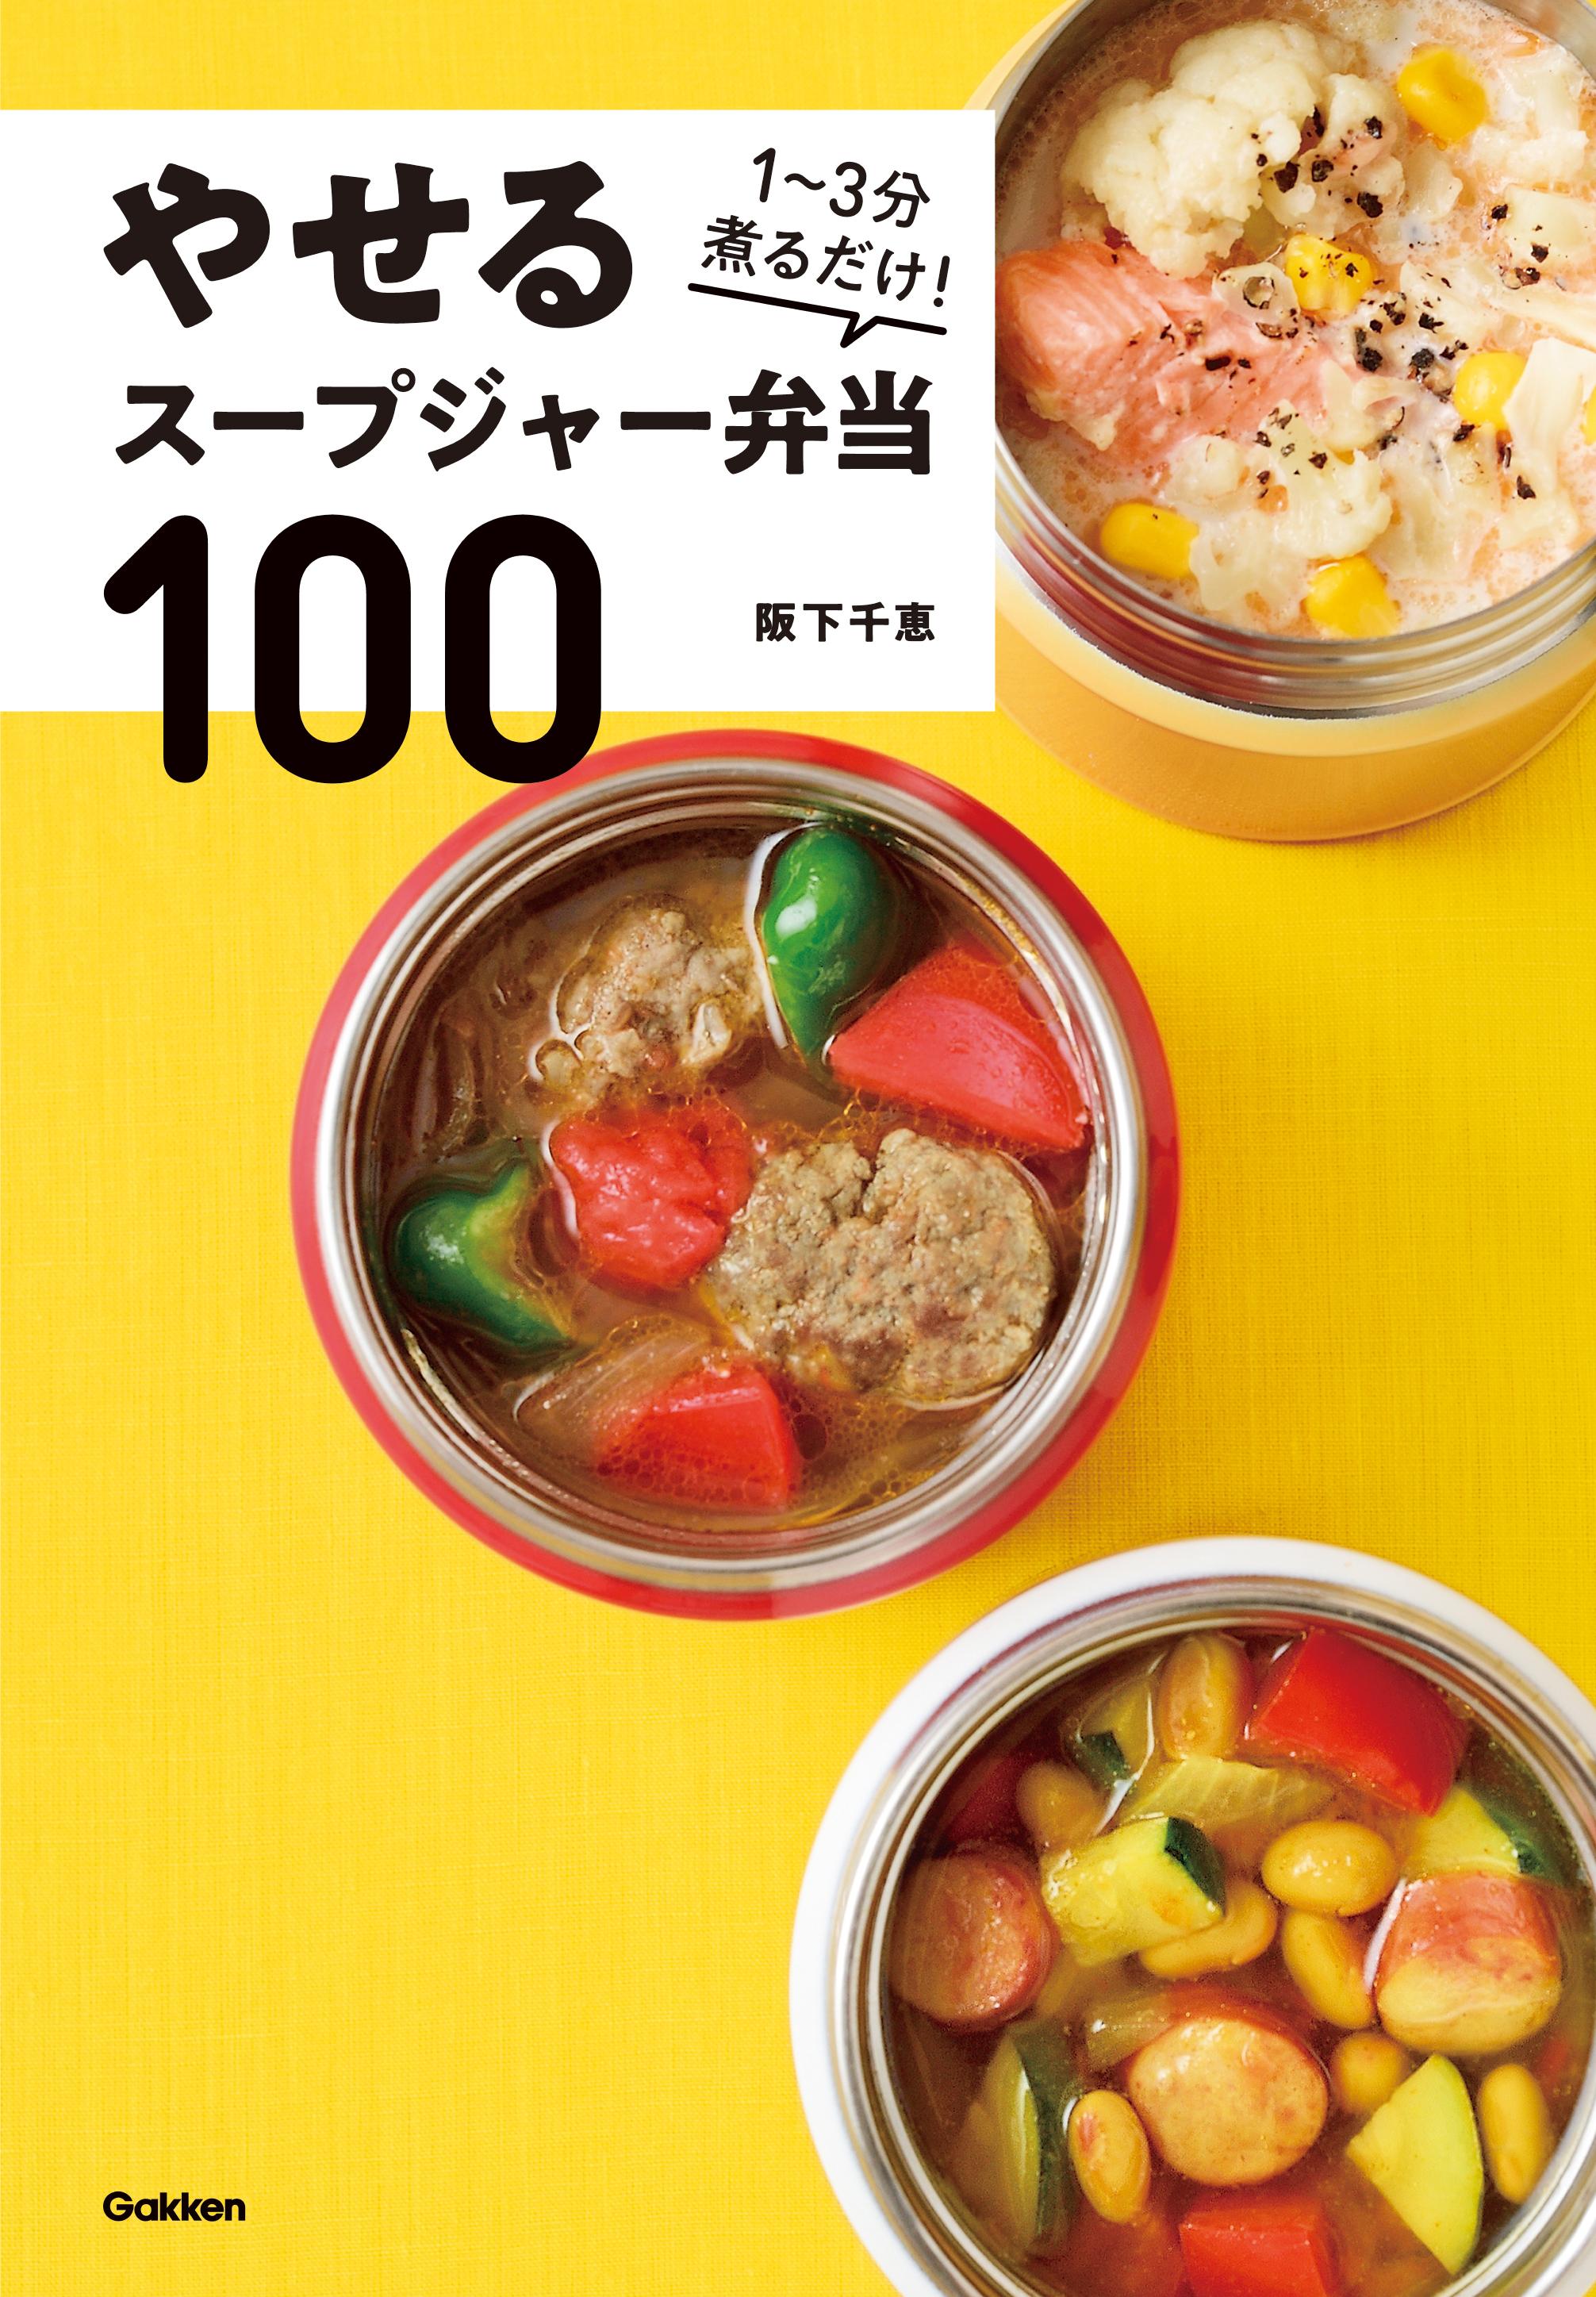 『やせるスープジャー弁当100』書影